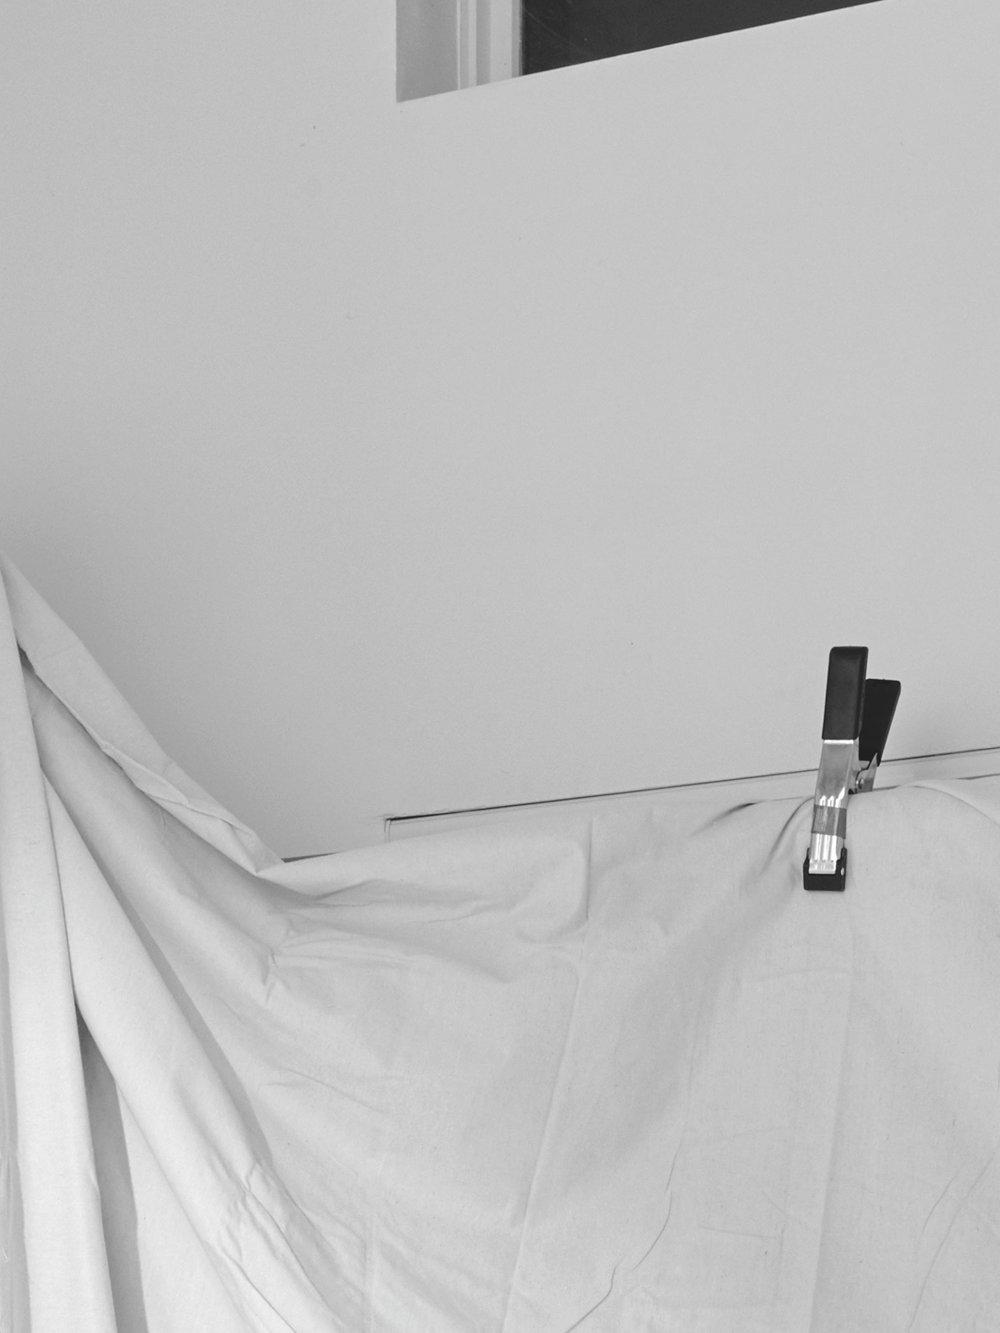 Studio Backdrop Detail